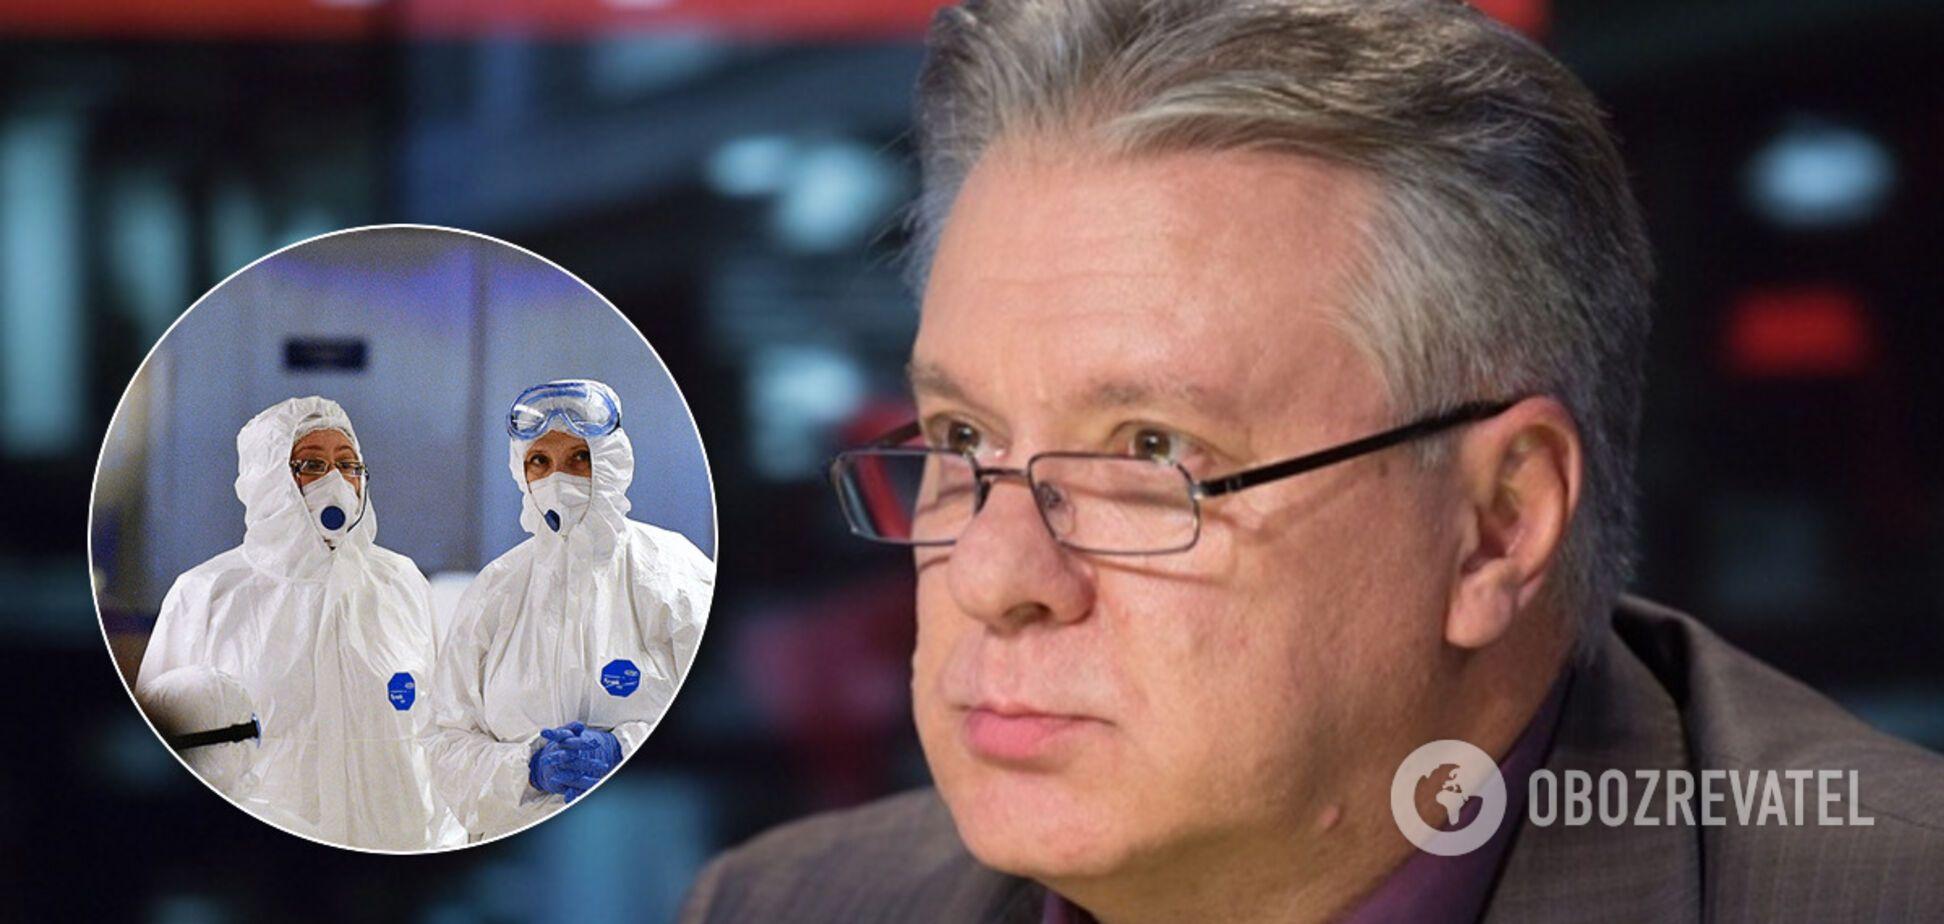 Украинский экс-разведчик рассказал, как изменится мир после пандемии